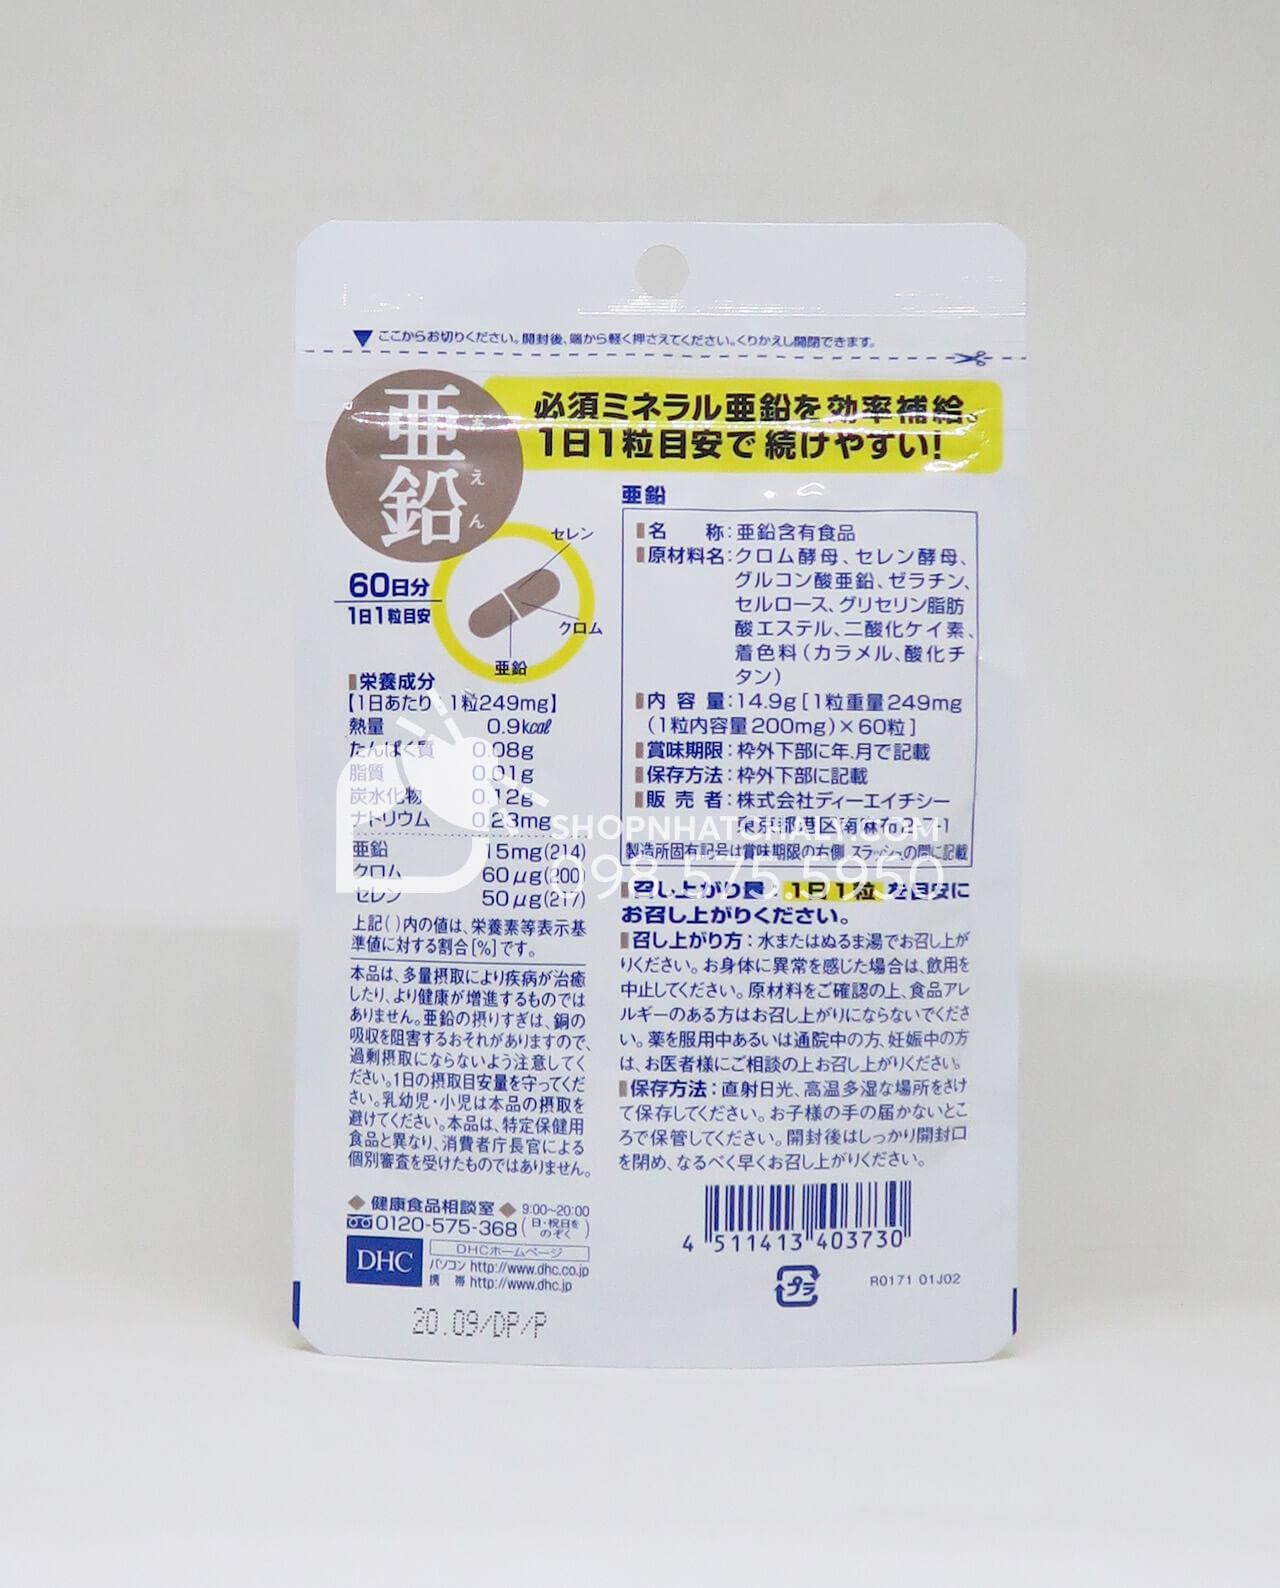 Viên uống bổ sung kẽm DHC Nhật Bản date mới nhất đến 2020